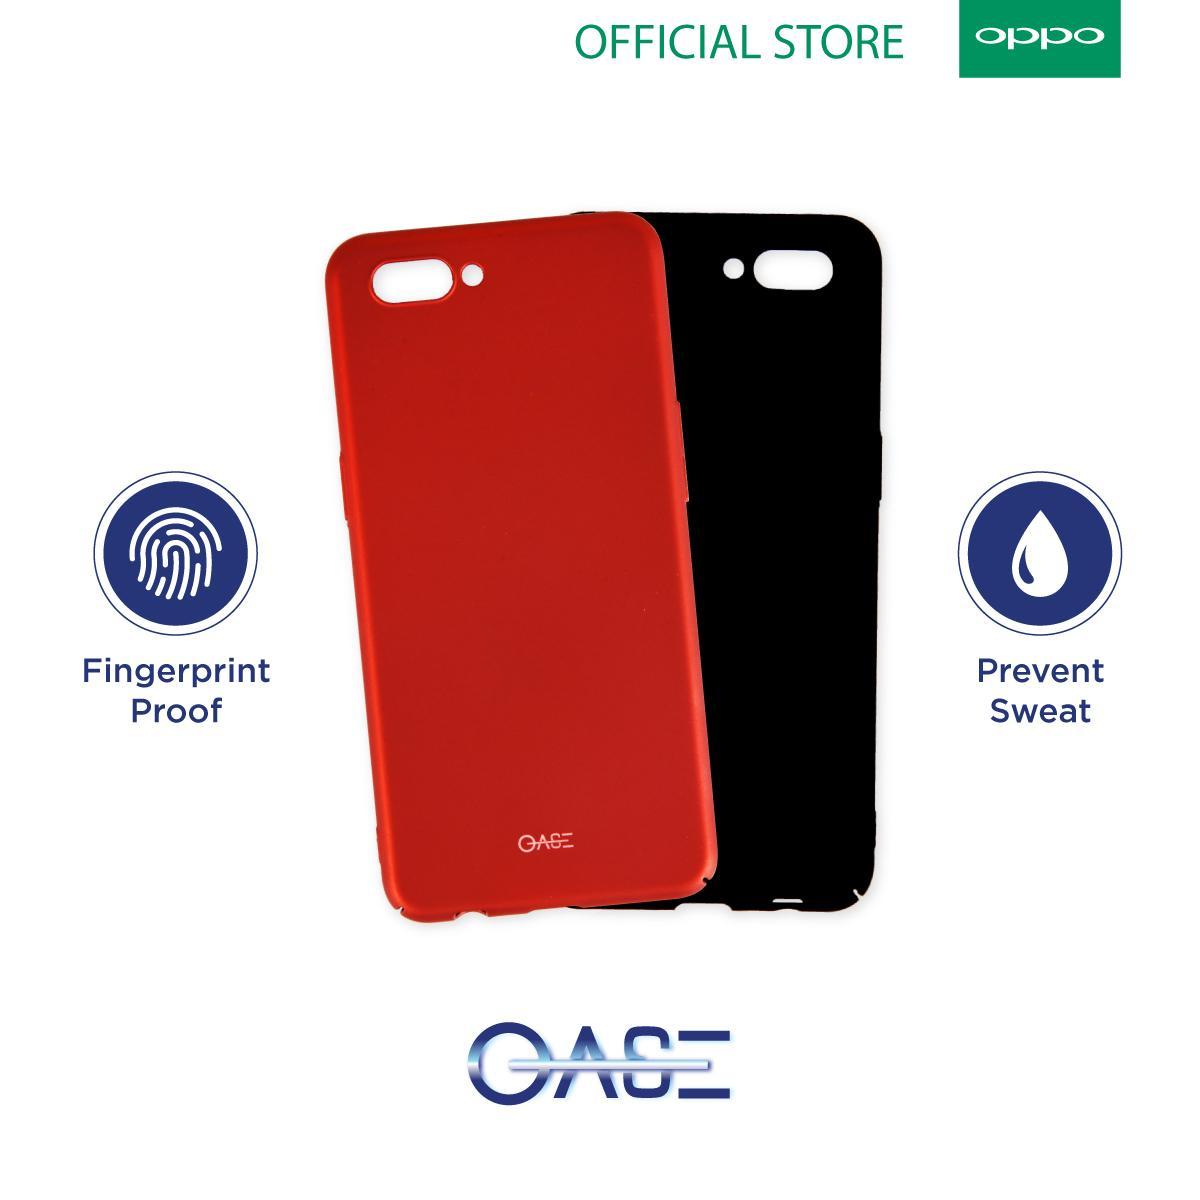 OPPO A3S Case 2GB   3GB-OPPO Official Accessories 3e5dedd4cb